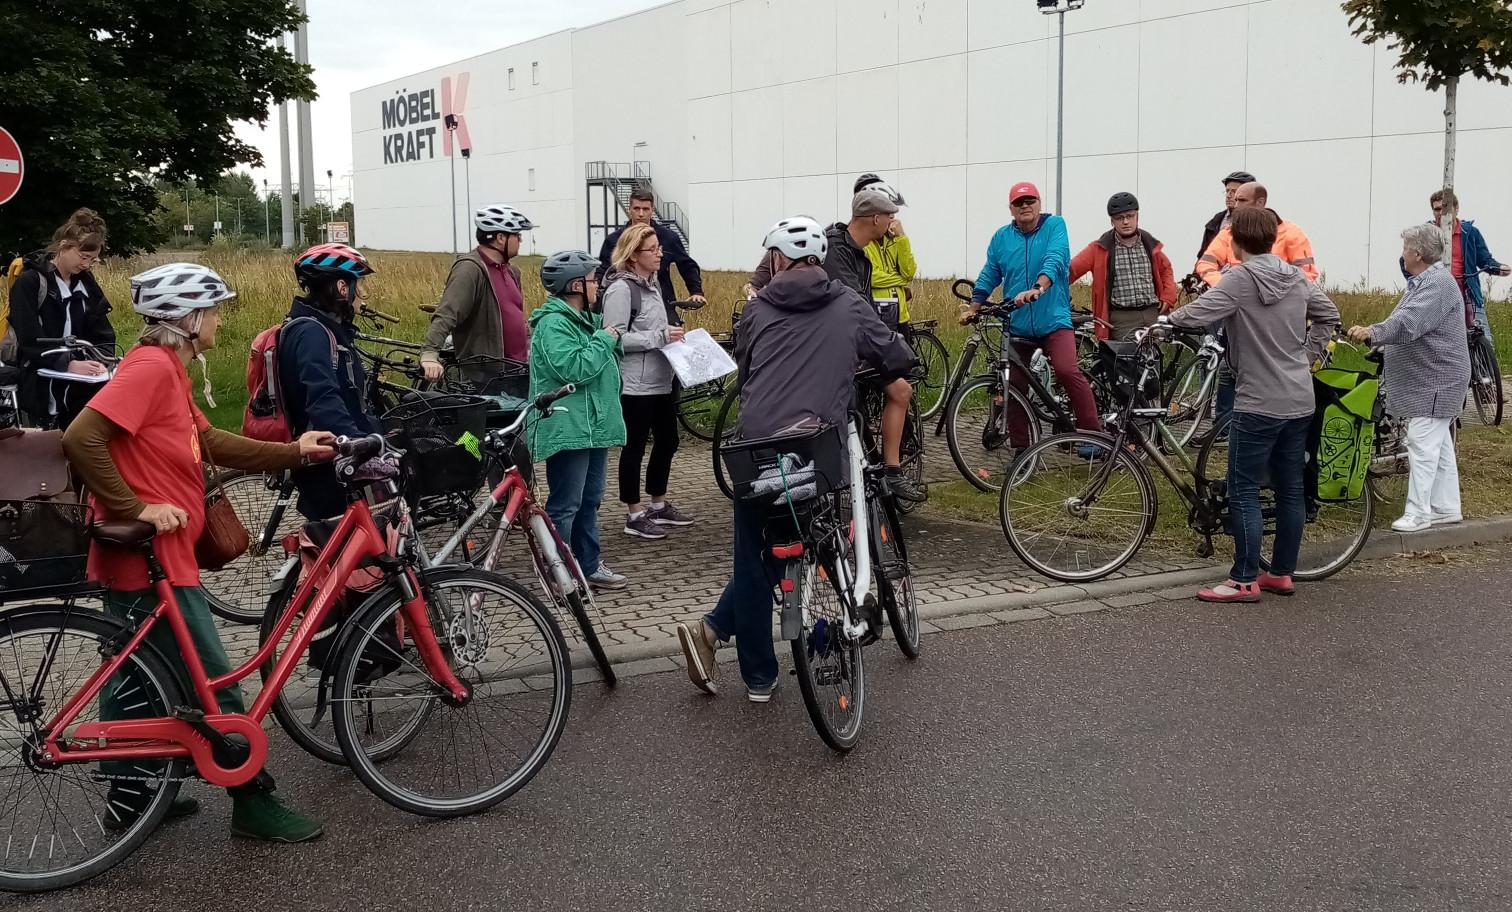 Radtour zur Fahrradwege-Situation in Taucha